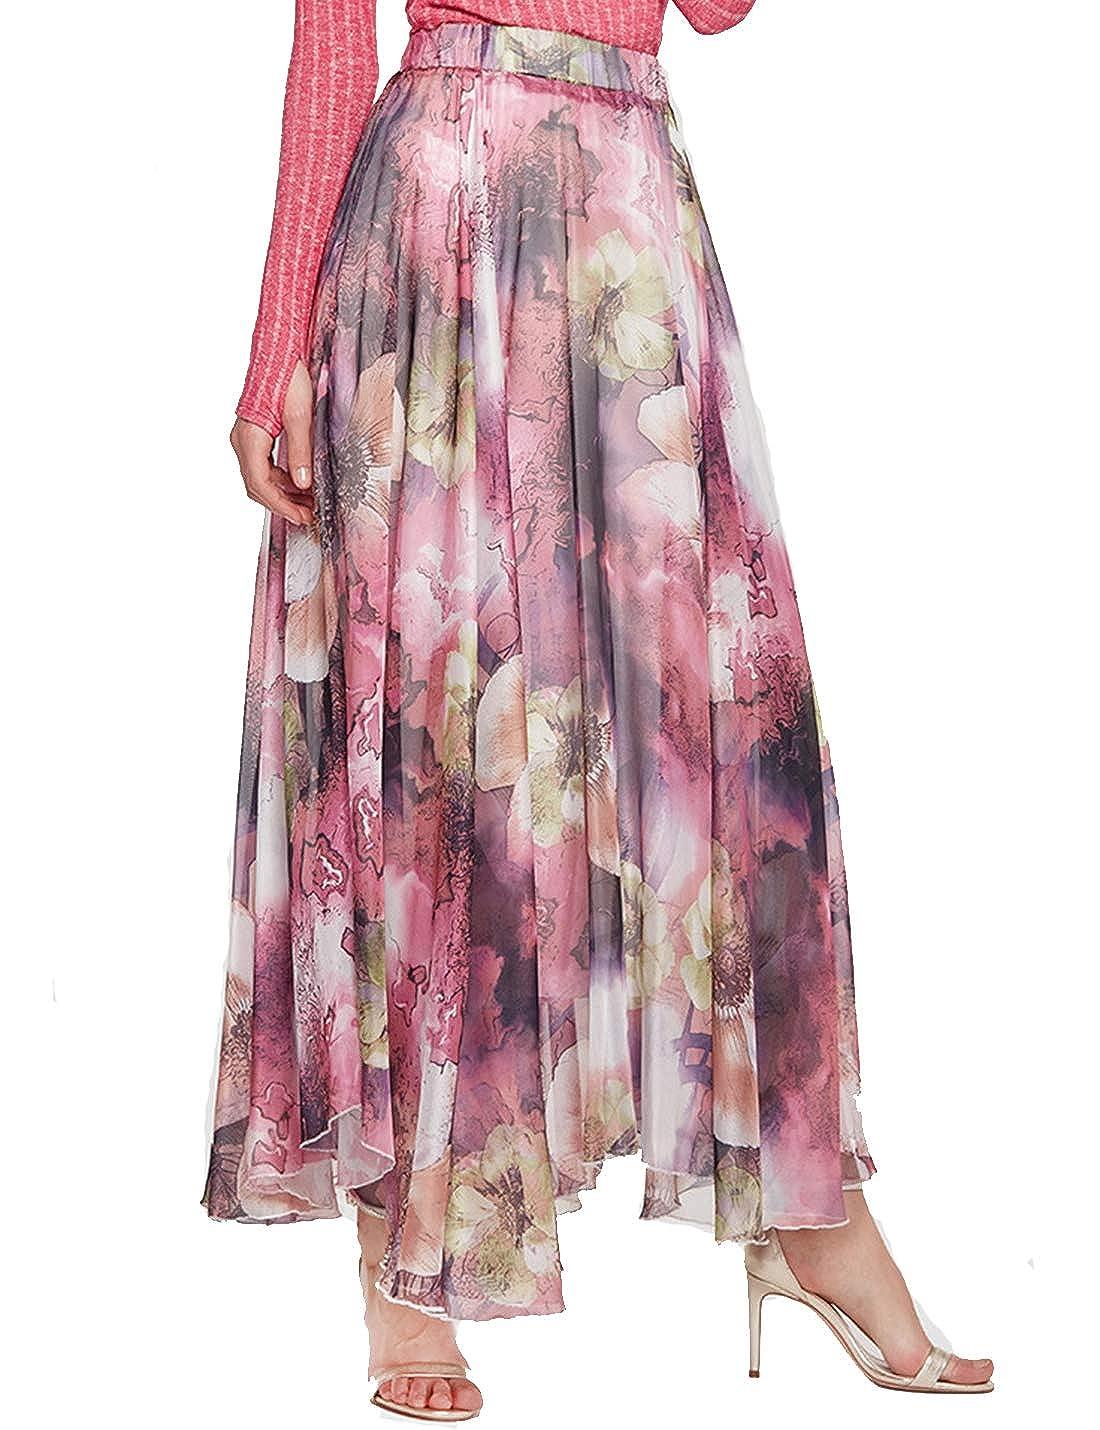 Naliha Faldas Elegantes de Talle Alto con Flores Bohemias para ...